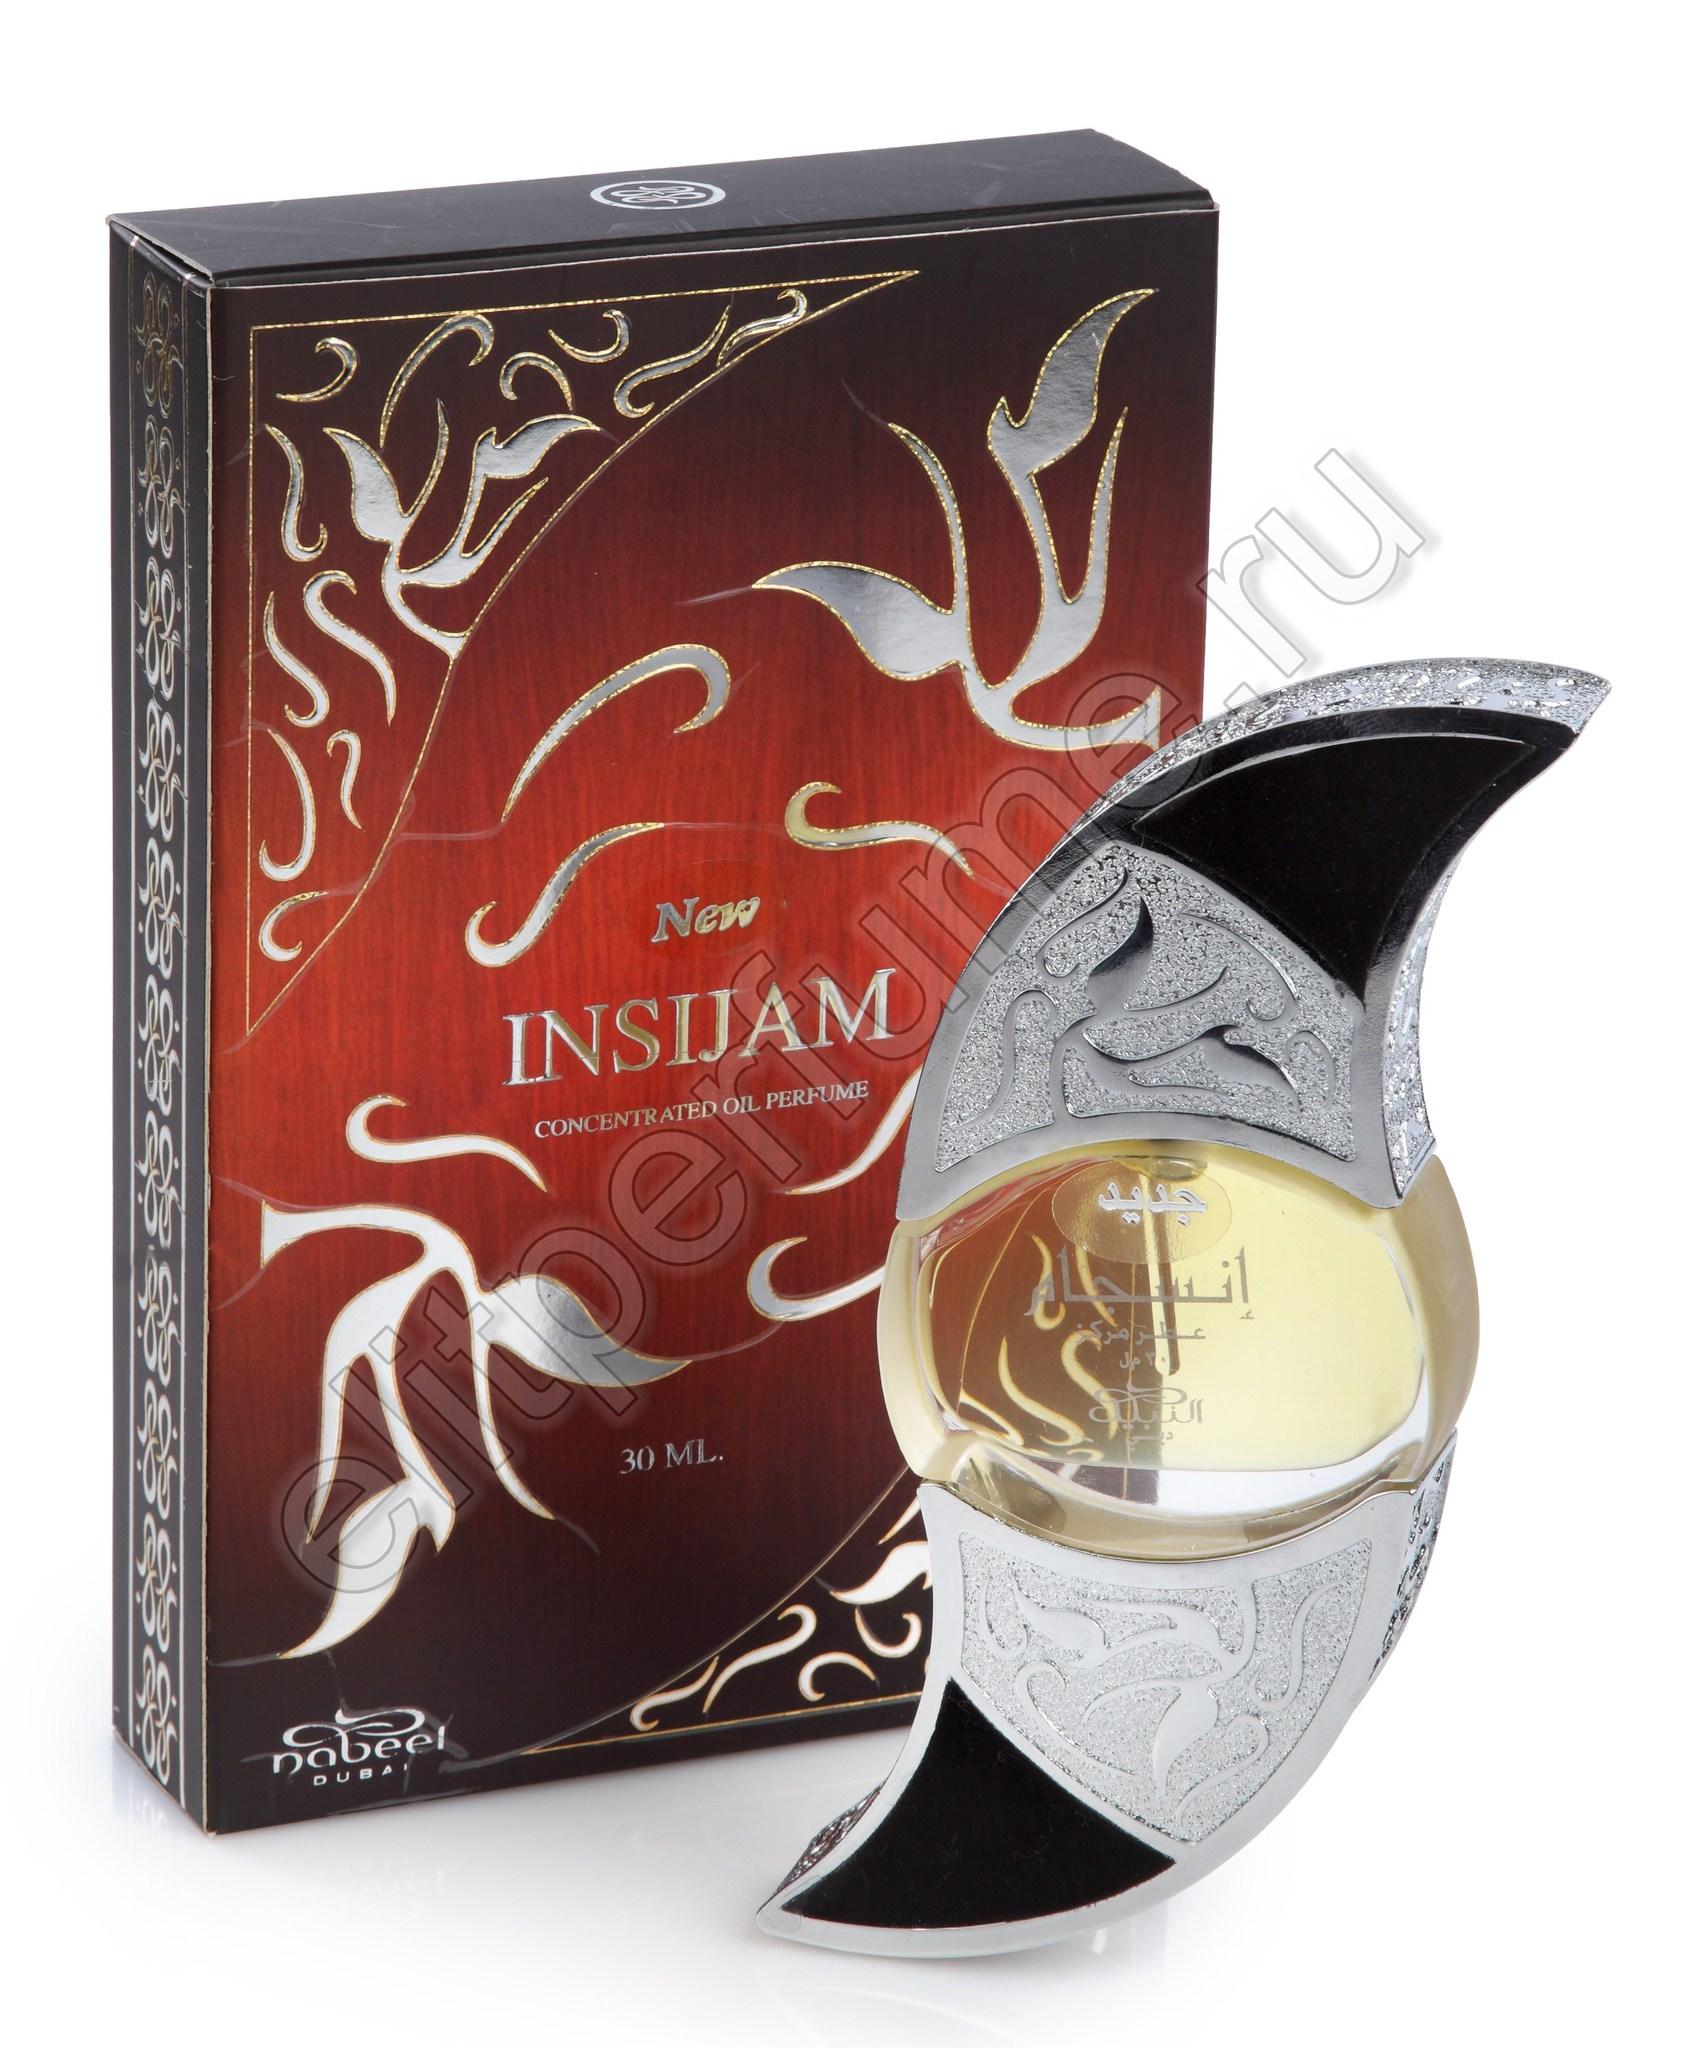 Пробники для арабских духов Инсиджам Insijam 1 мл арабские масляные духи от Набиль Nabeel Perfumes